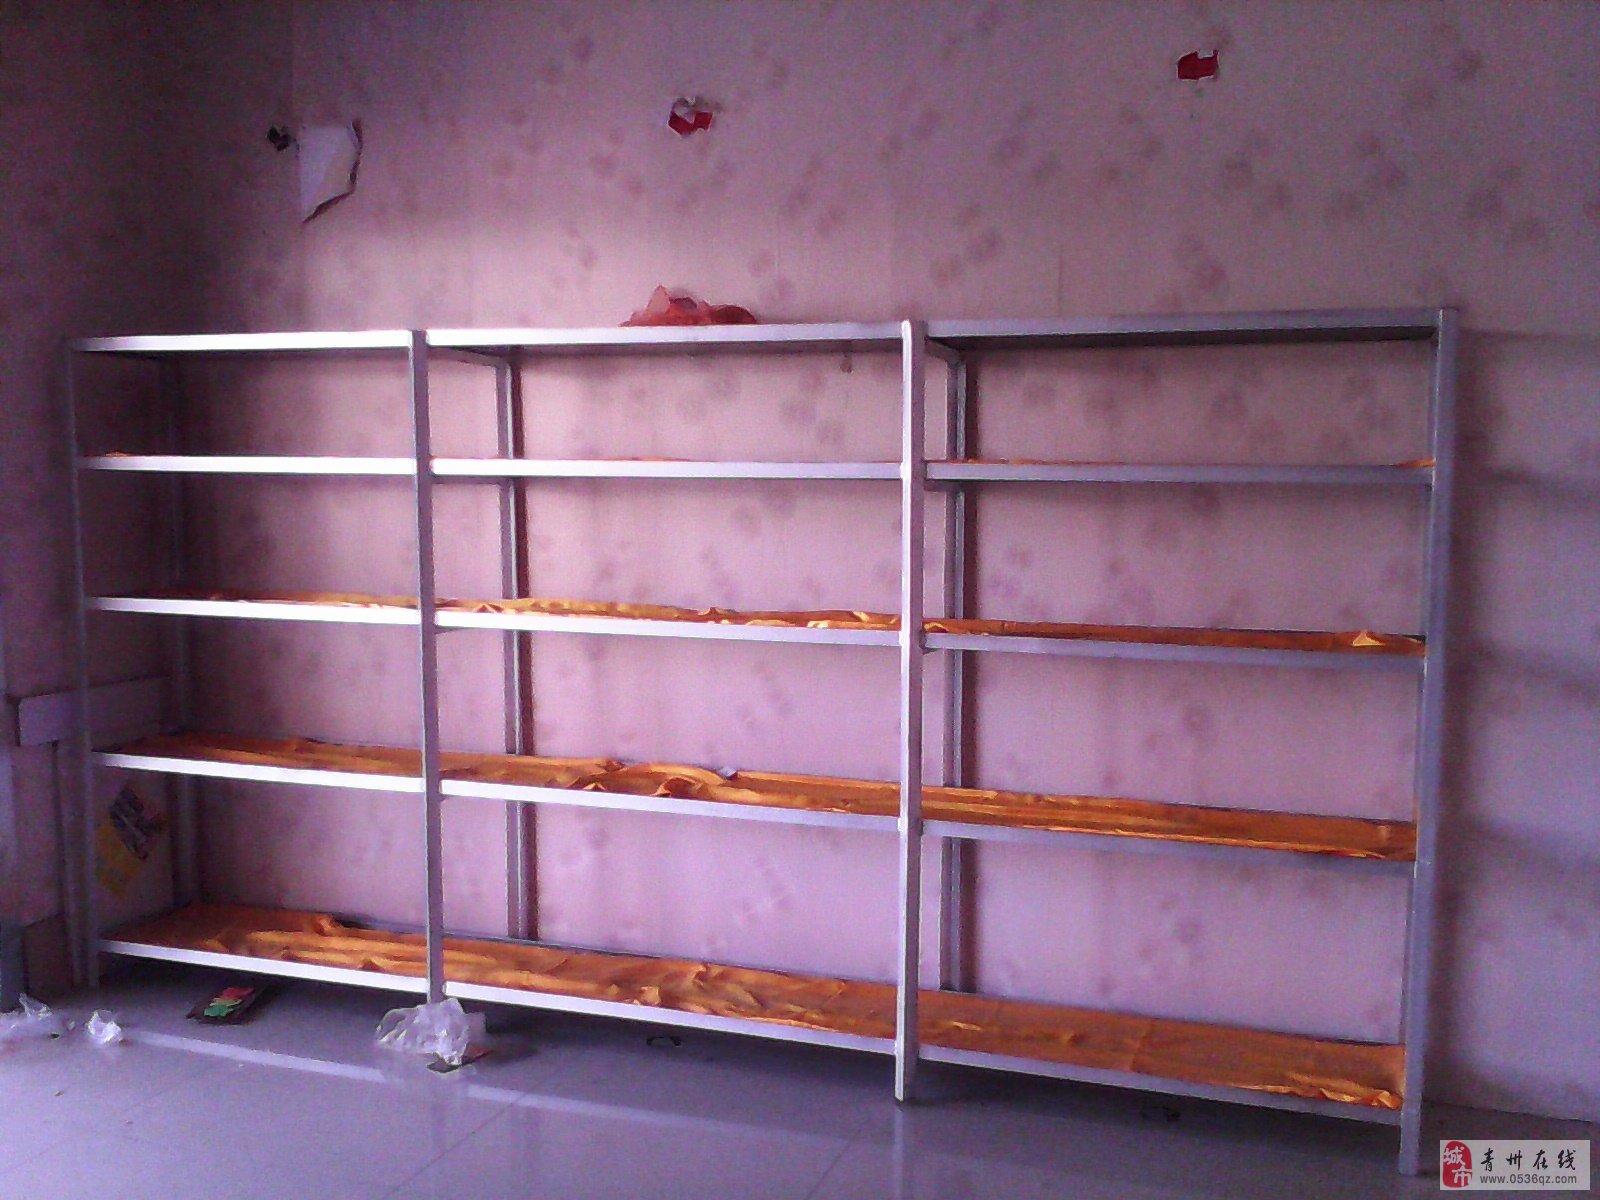 自己焊接的角钢货架